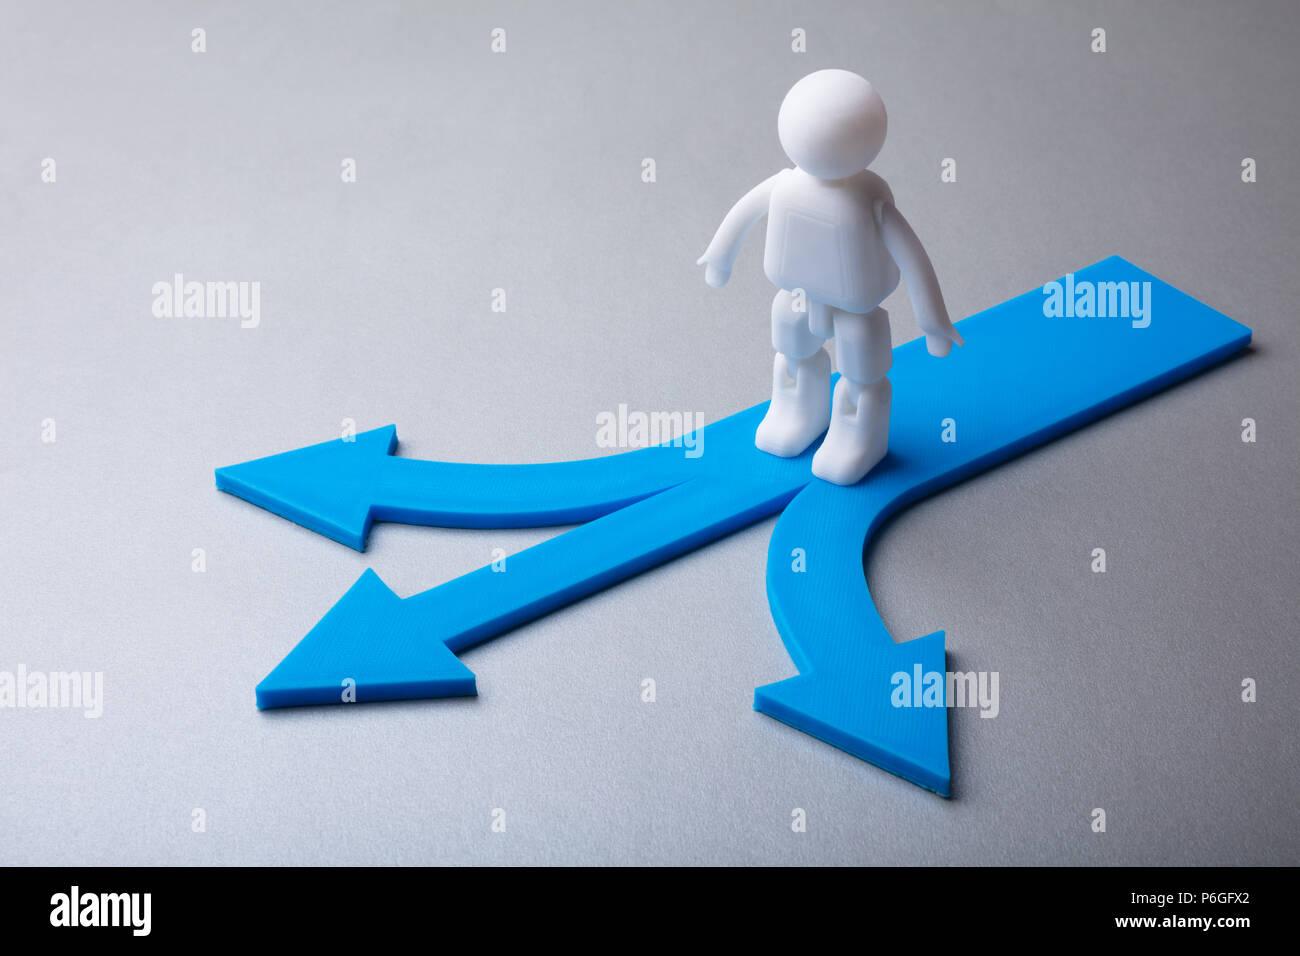 Figura humana de pie sobre la flecha azul que muestran diversas señales de dirección Imagen De Stock